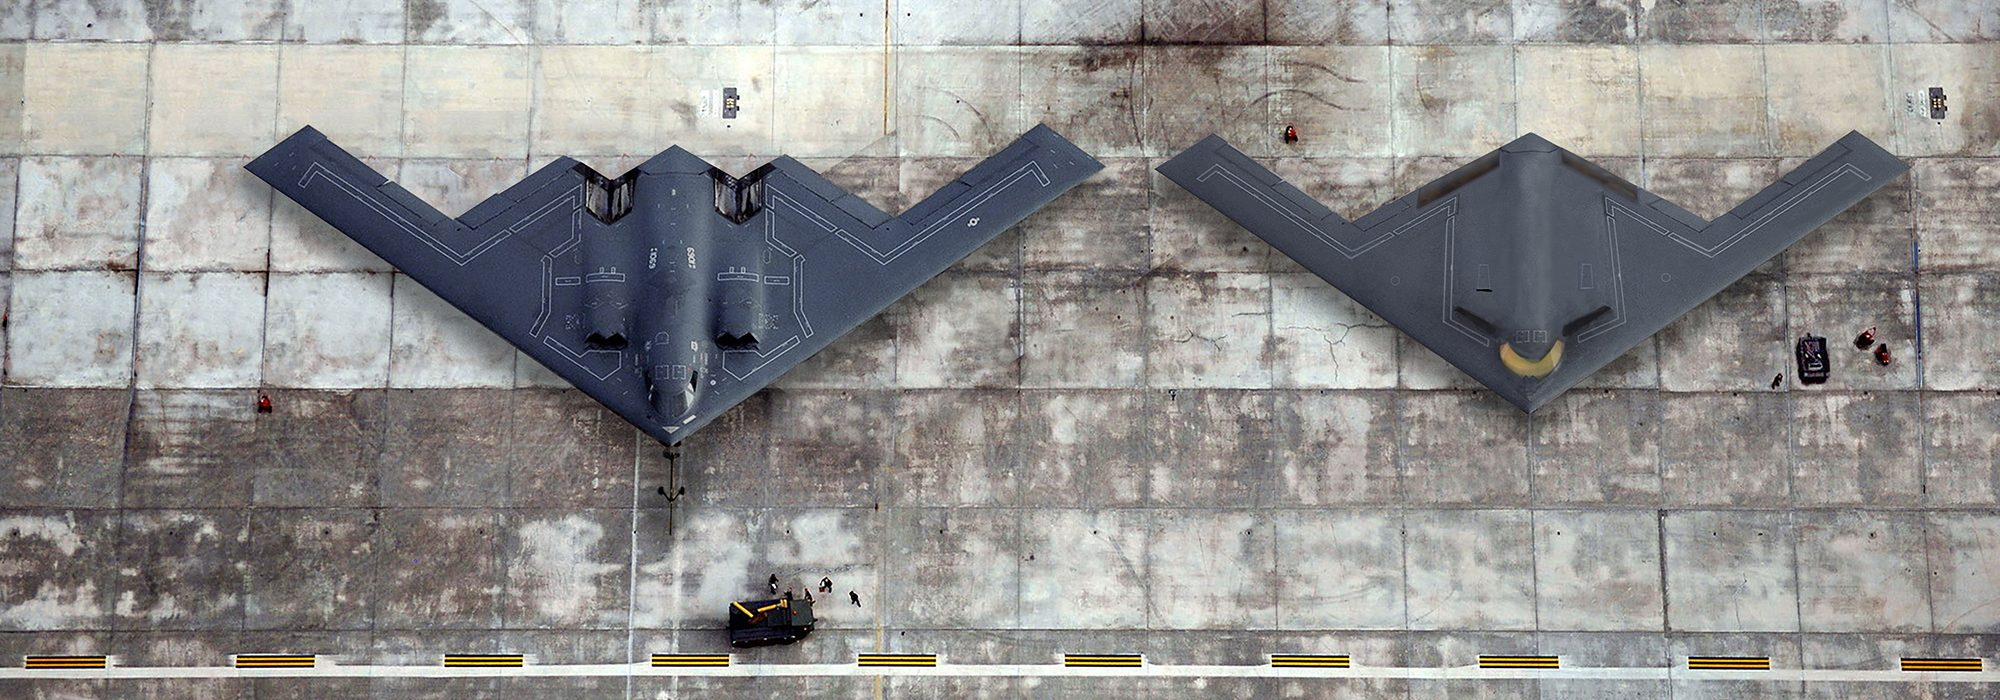 نیروی هوایی ایالات متحده و کمپانی Northrop Grumman اولین تصویر از بمب افکن پنهانکار B-21 Raider در 4 سال اخیر را منتشر کرده اند.